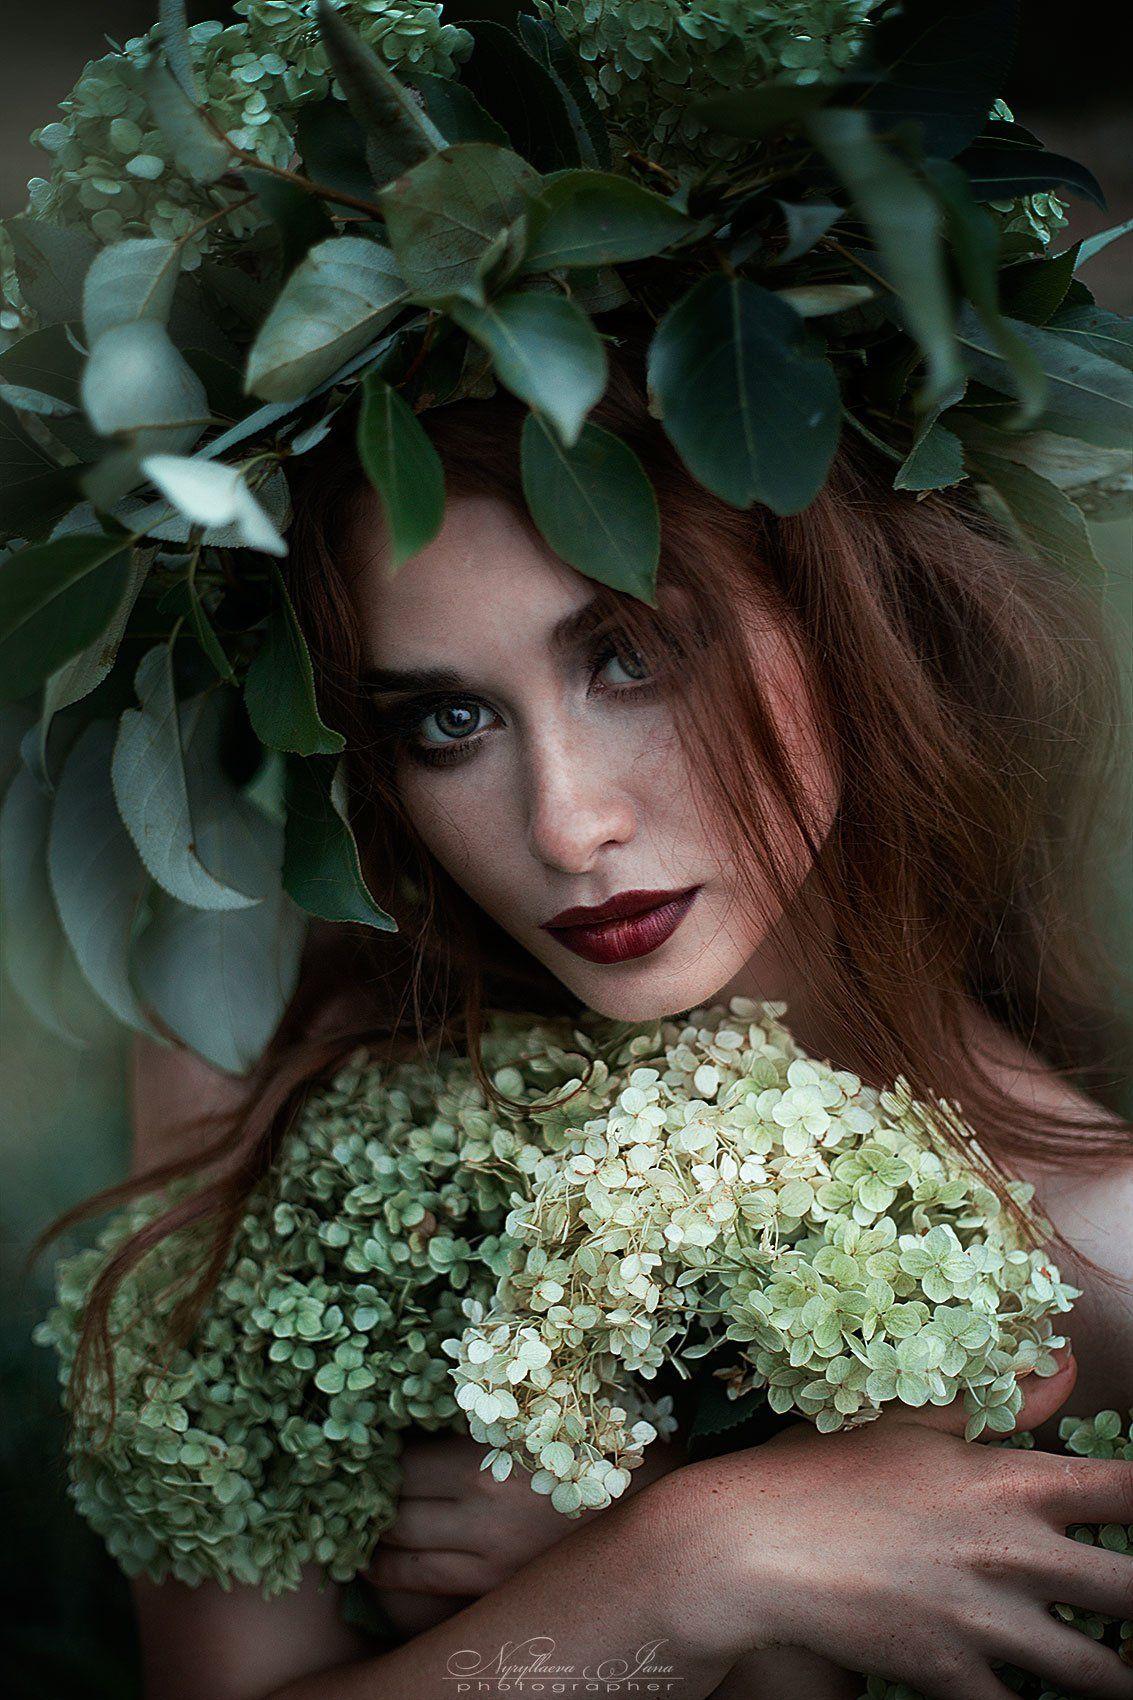 фотосессия красиво модель девушка нуруллаеваяна фотографнуруллаеваяна идеидляфотосессиинаулице природа фотосессиявзелени фотосессиясцветами красиваядевушка, Нуруллаева Яночка